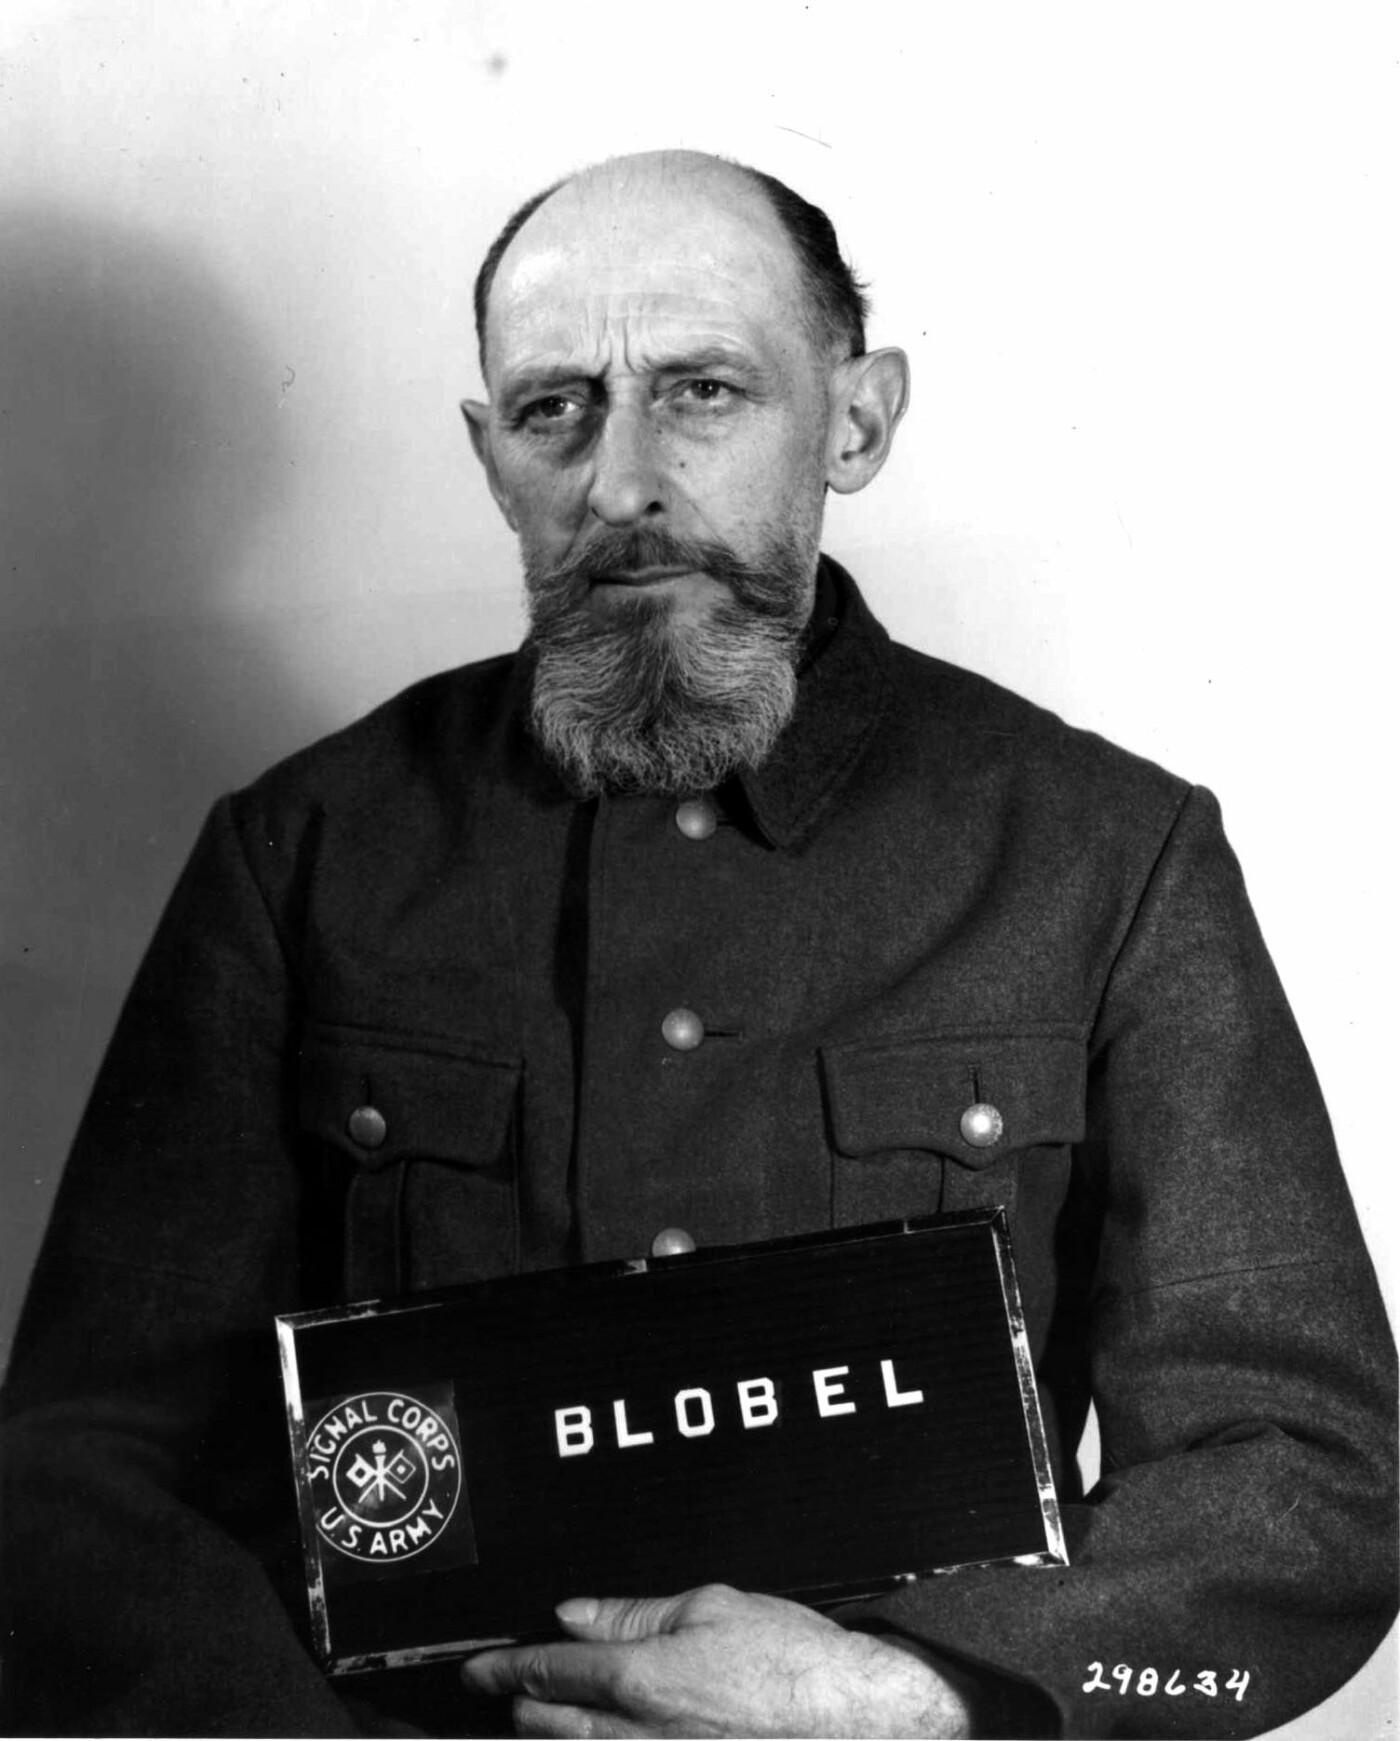 Немецкий офицер Блобель, обвиненный в организации убийств